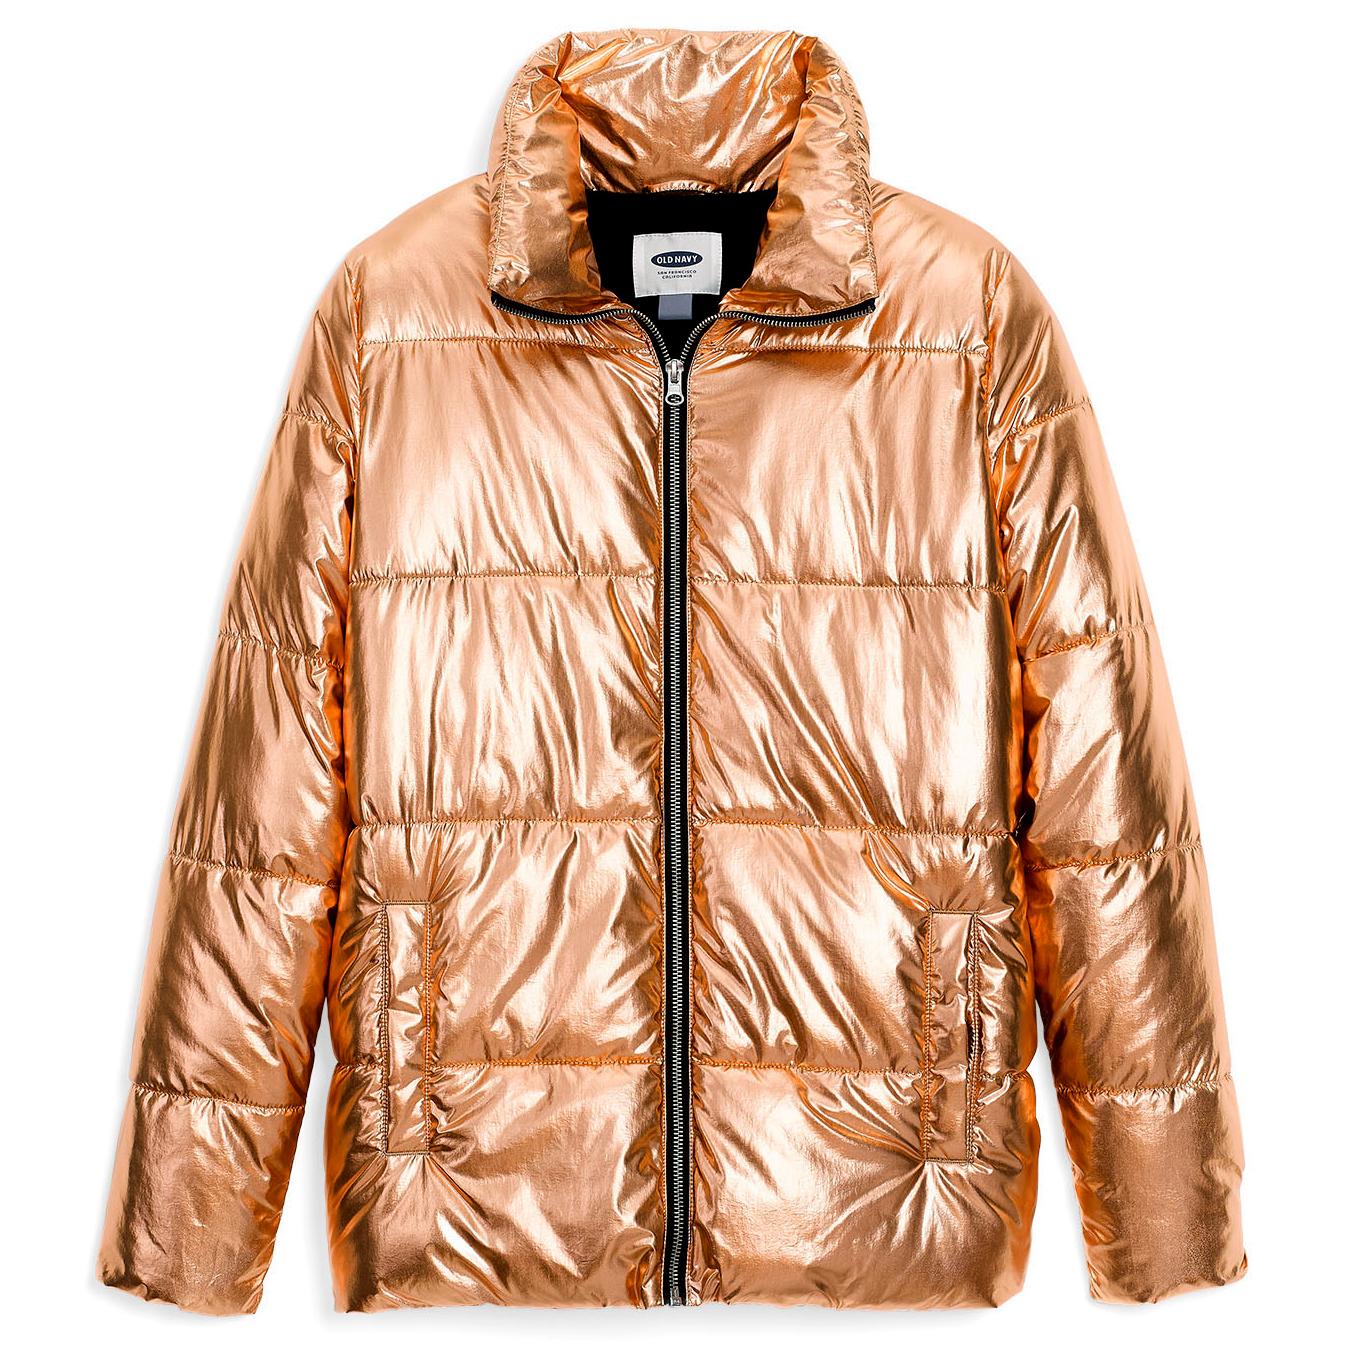 old navy metallic rose gold puffer jacket